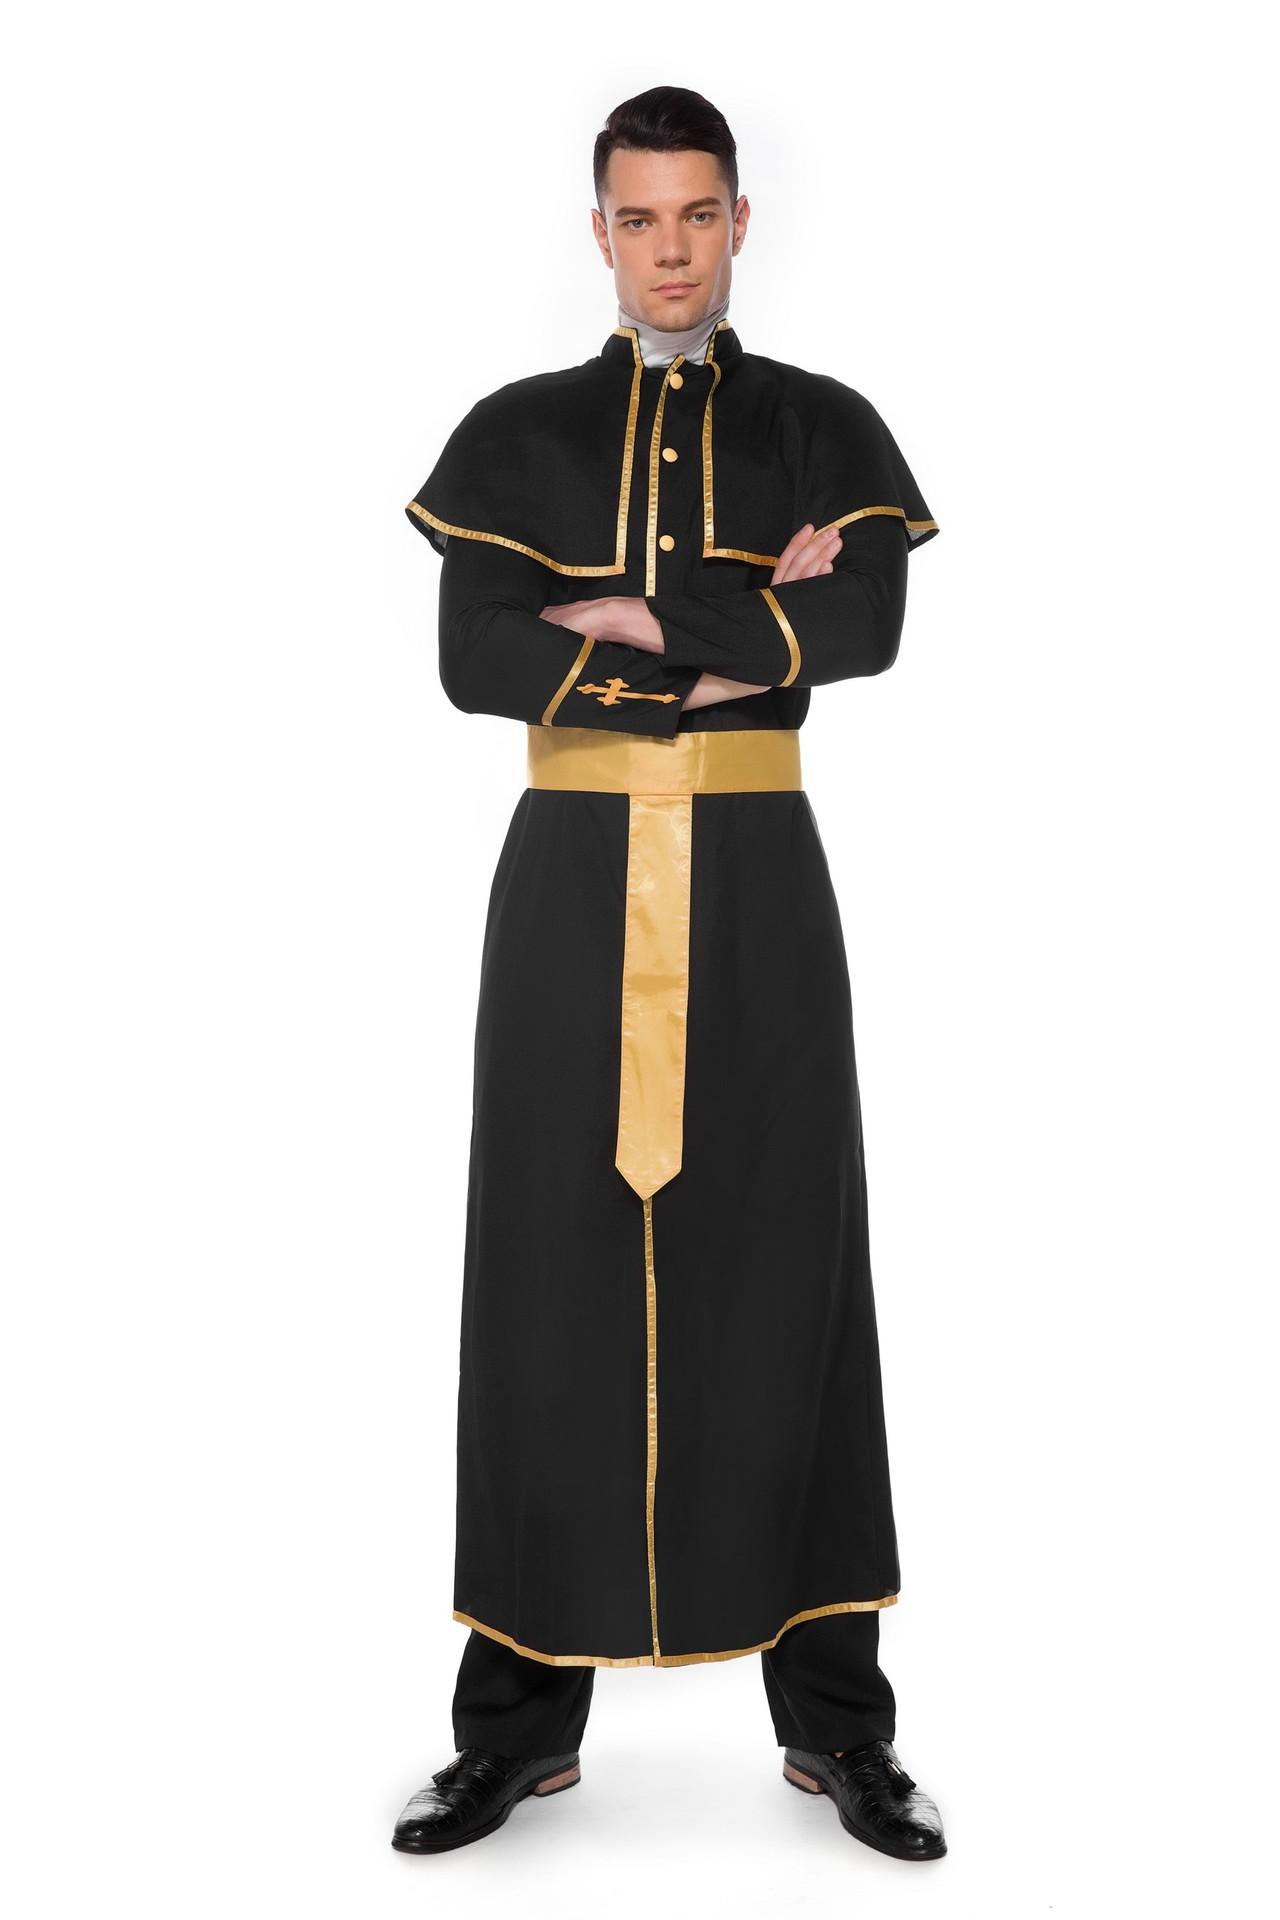 ハロウィンの服装の新型の成人の牧師のカップルは女性の修道士の役を詰めて服装を演じます